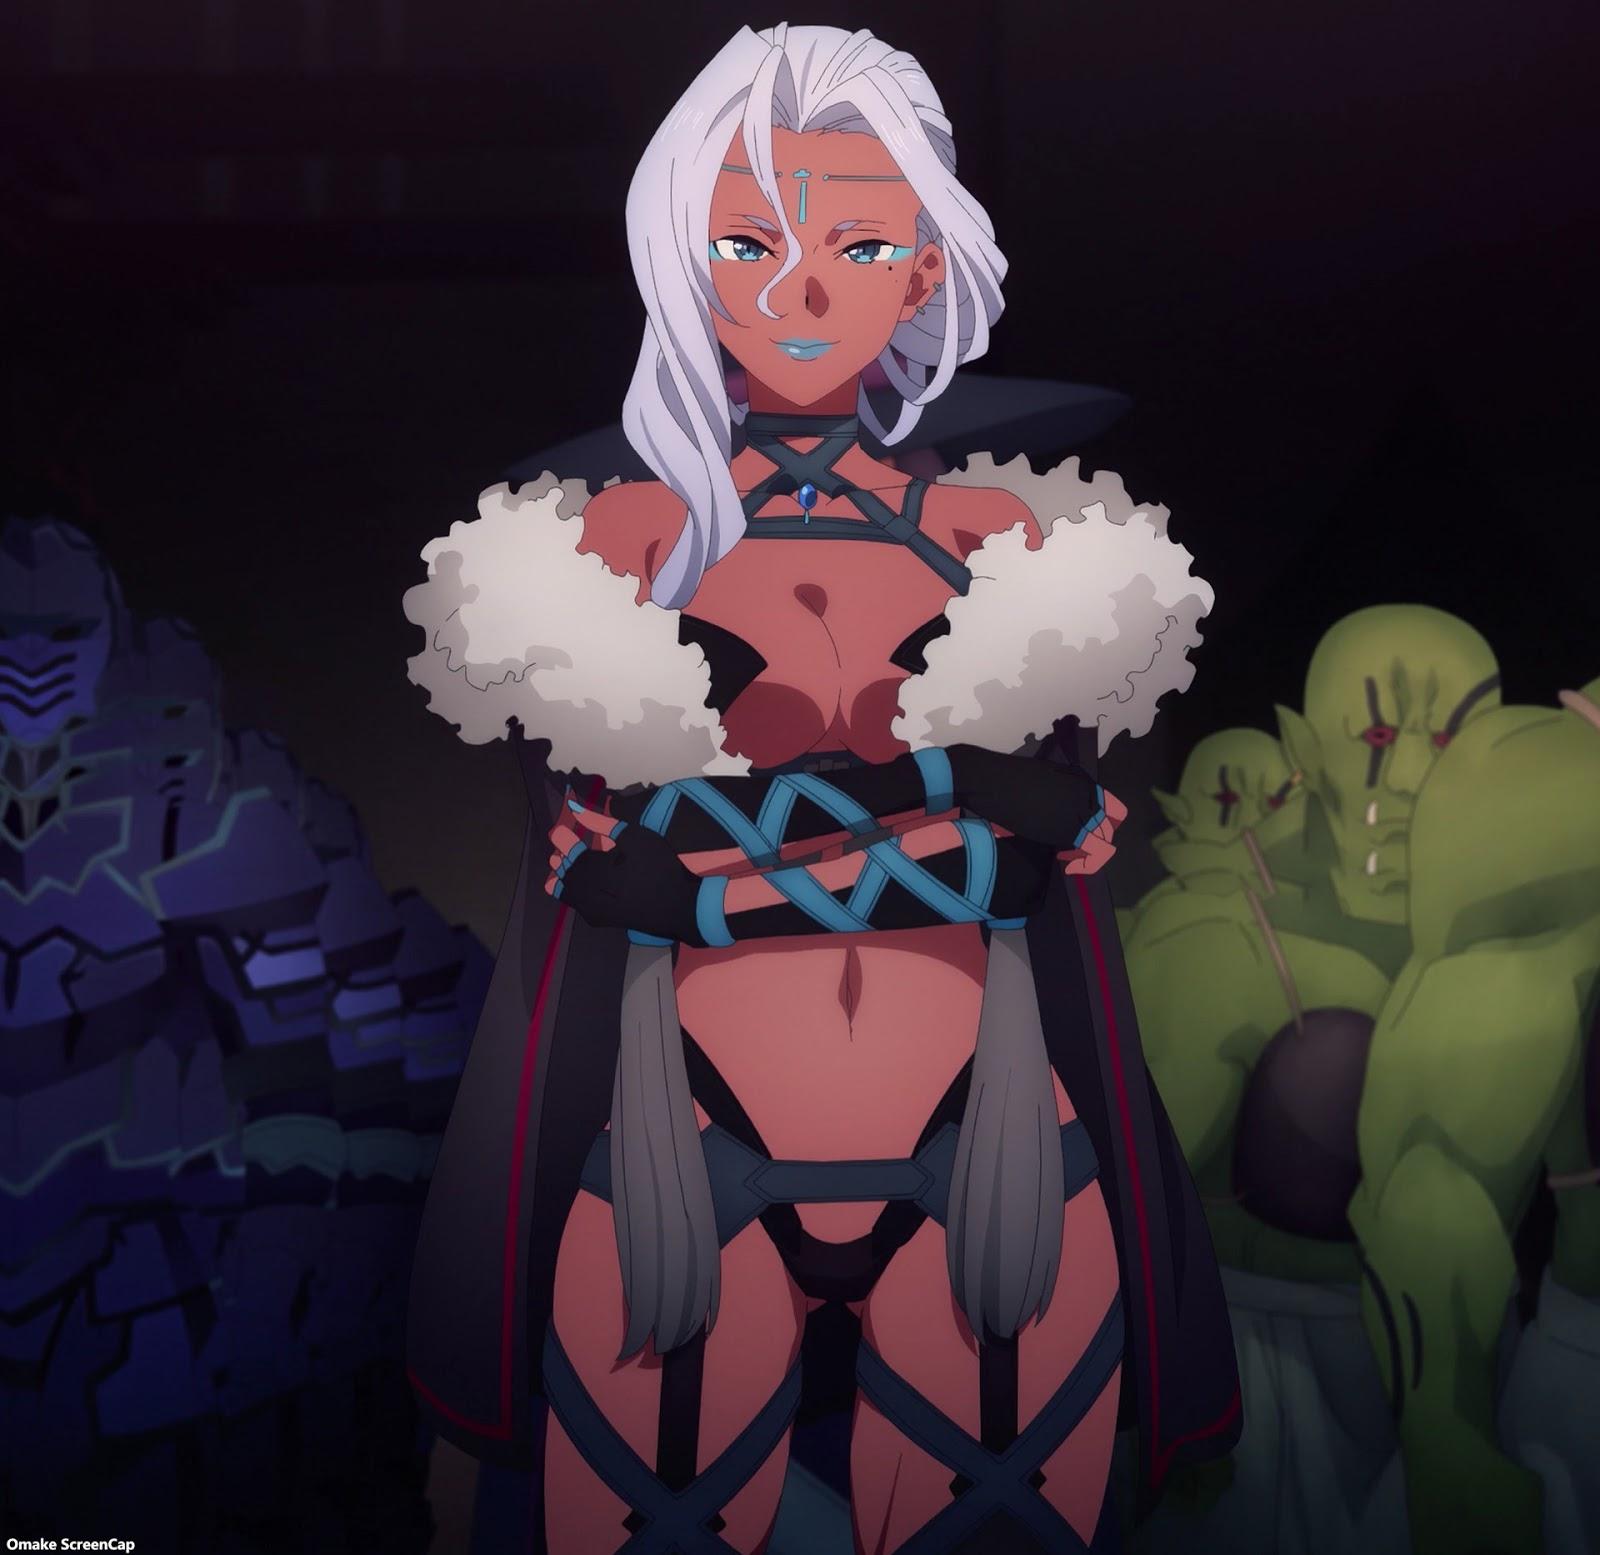 Joeschmo's Gears and Grounds: 10 Second Anime - Sword Art Online - Alicization - War of Underworld - Episode 4